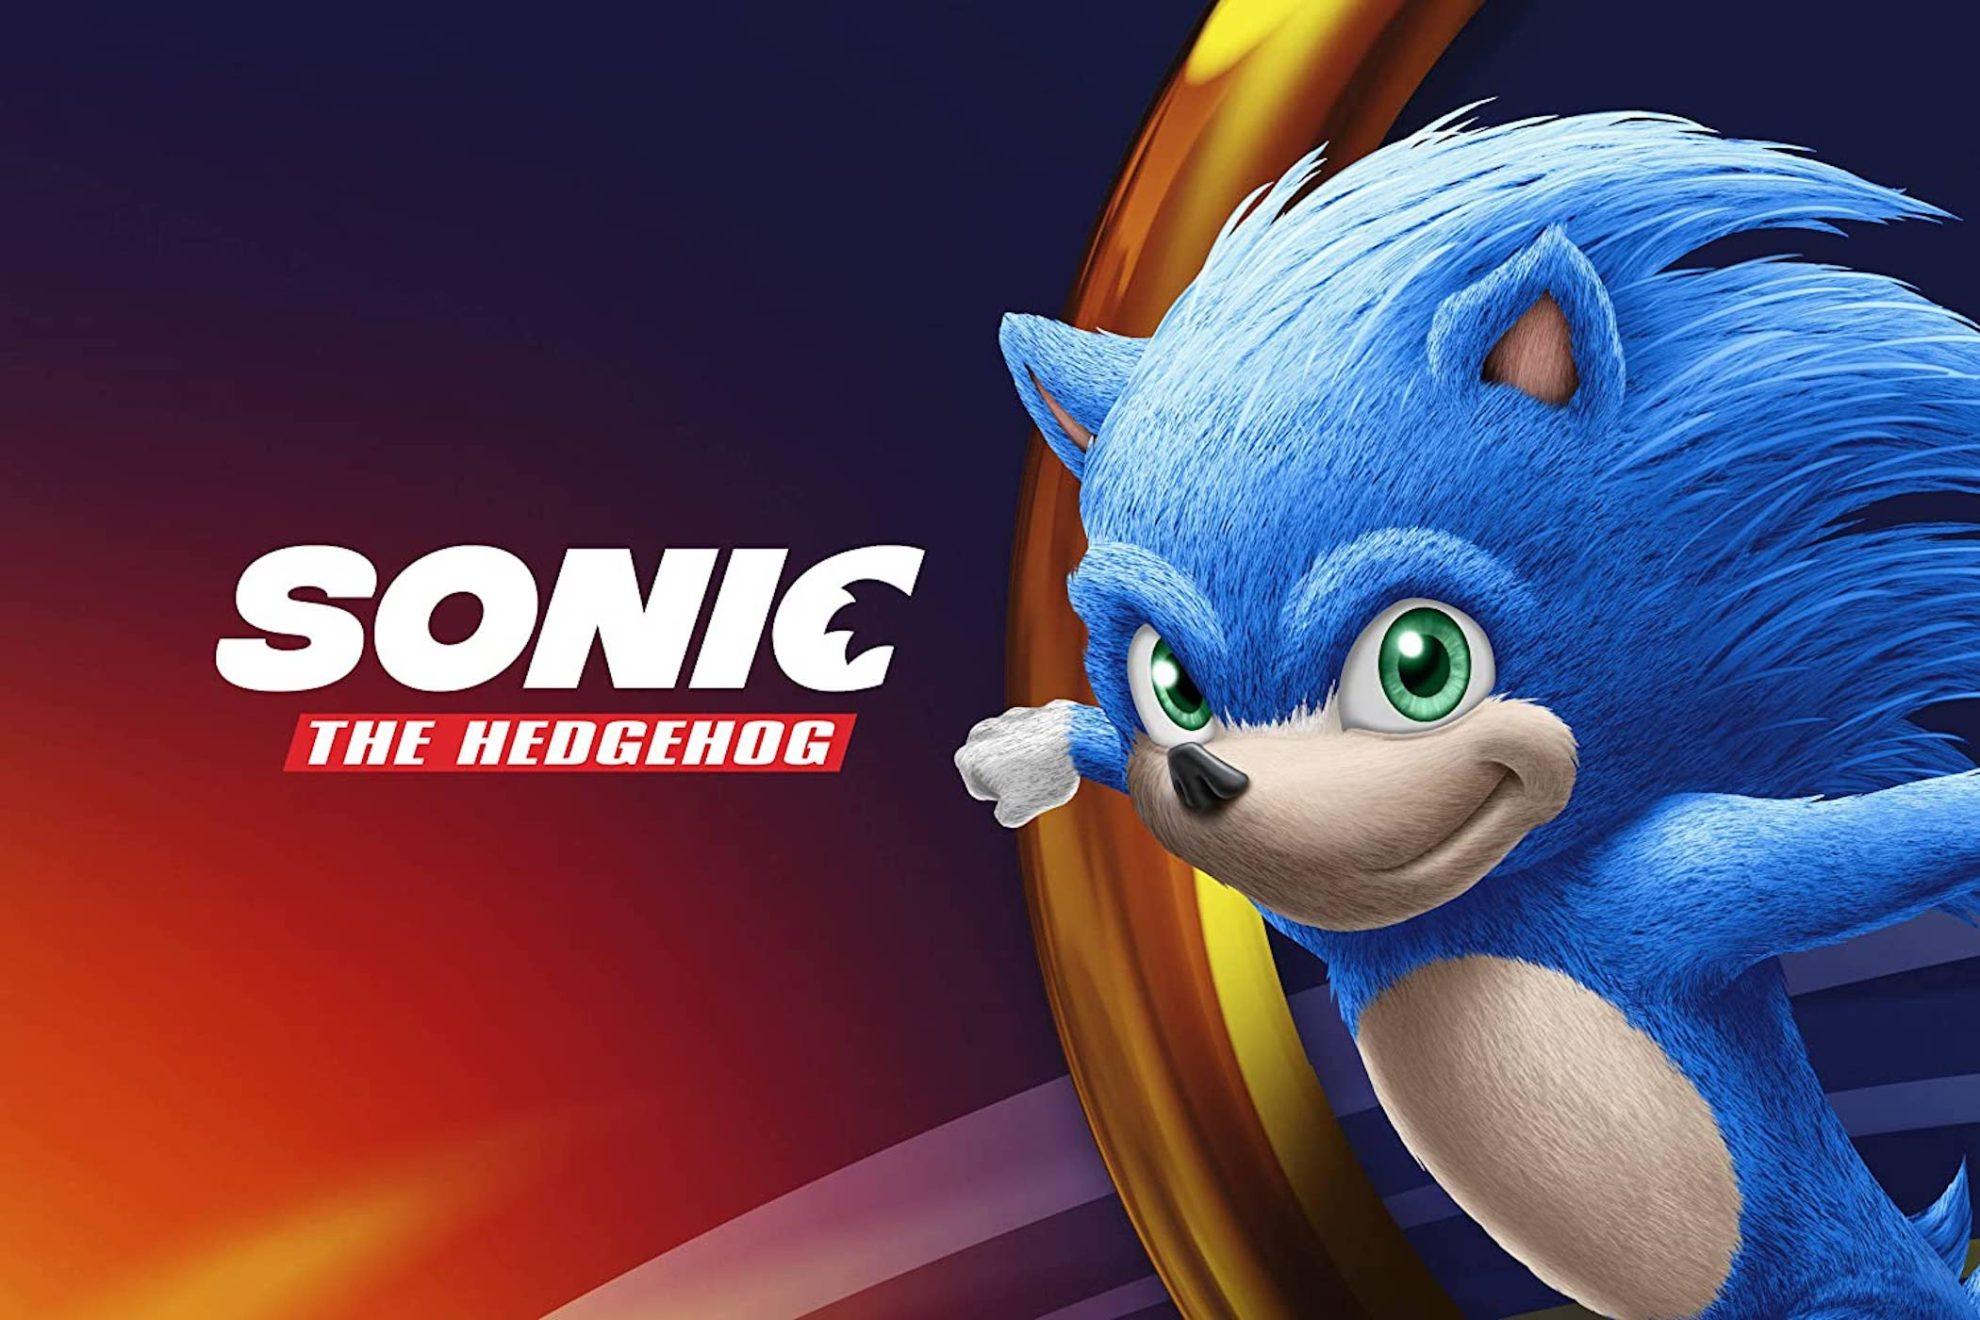 sonic the hedgehog jim carrey james marsden